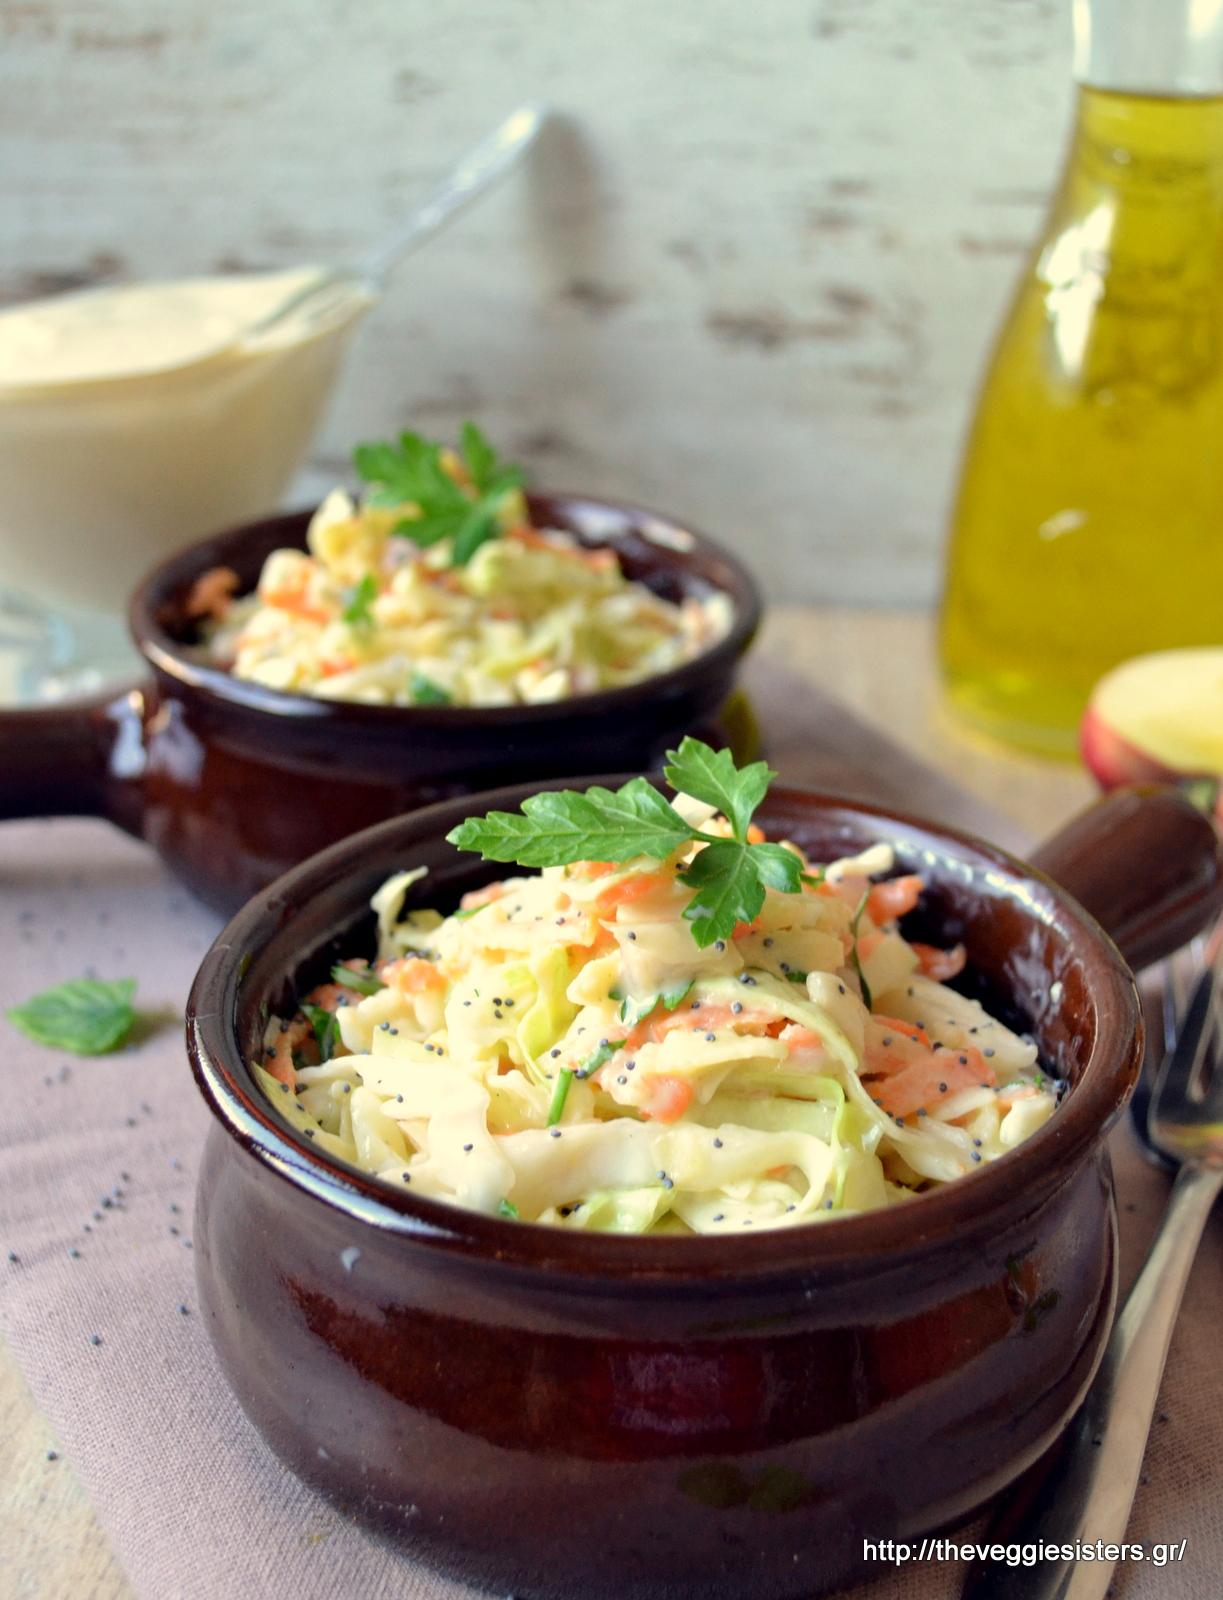 Σαλάτα coleslaw - Coleslaw salad